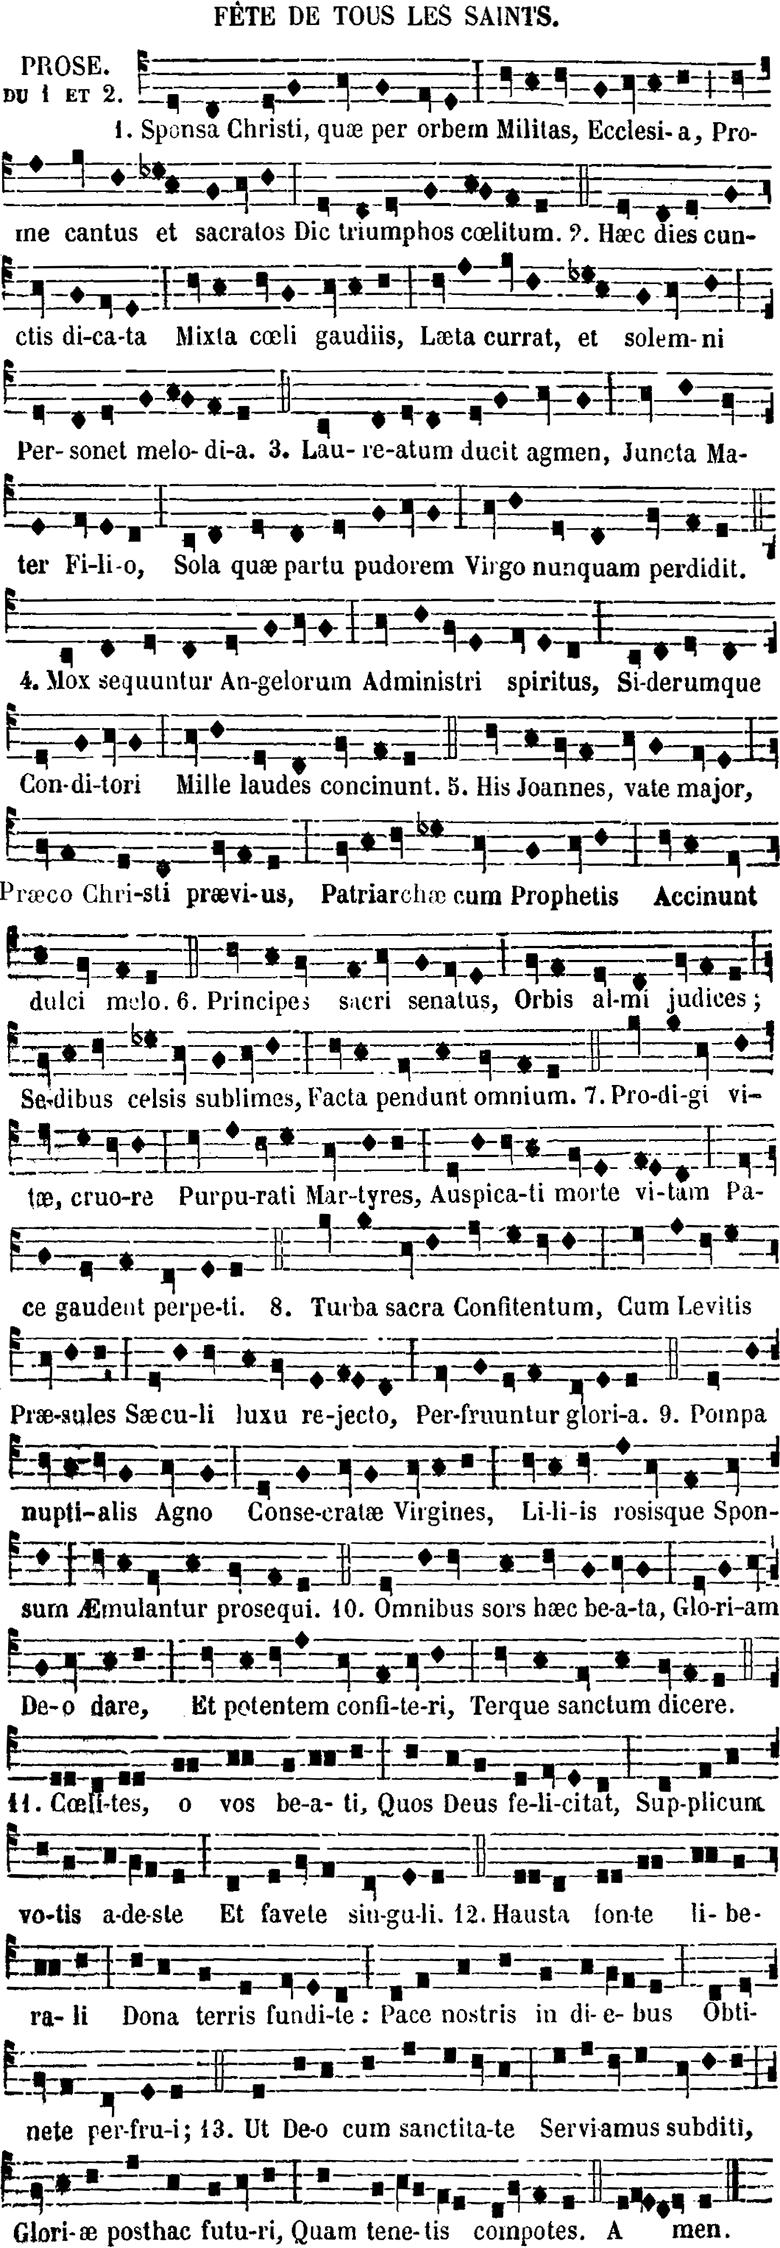 Prose de la Toussaint - Sponsa Christi quæ per orbem